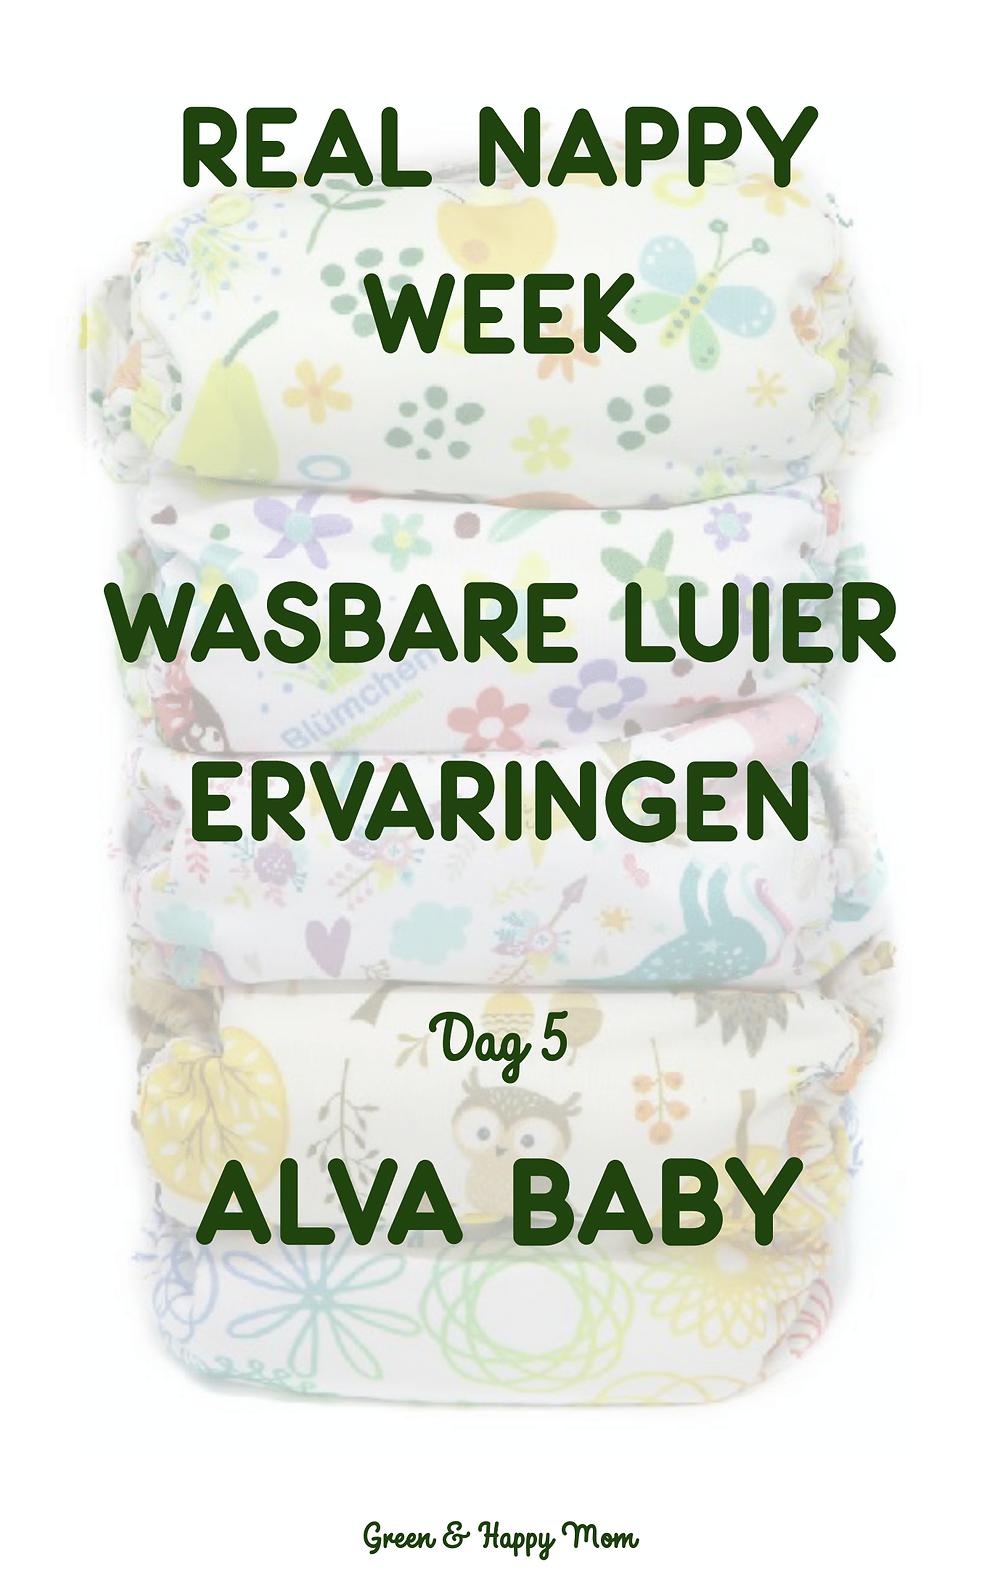 Wasbare Luier ervaring - Alva Baby